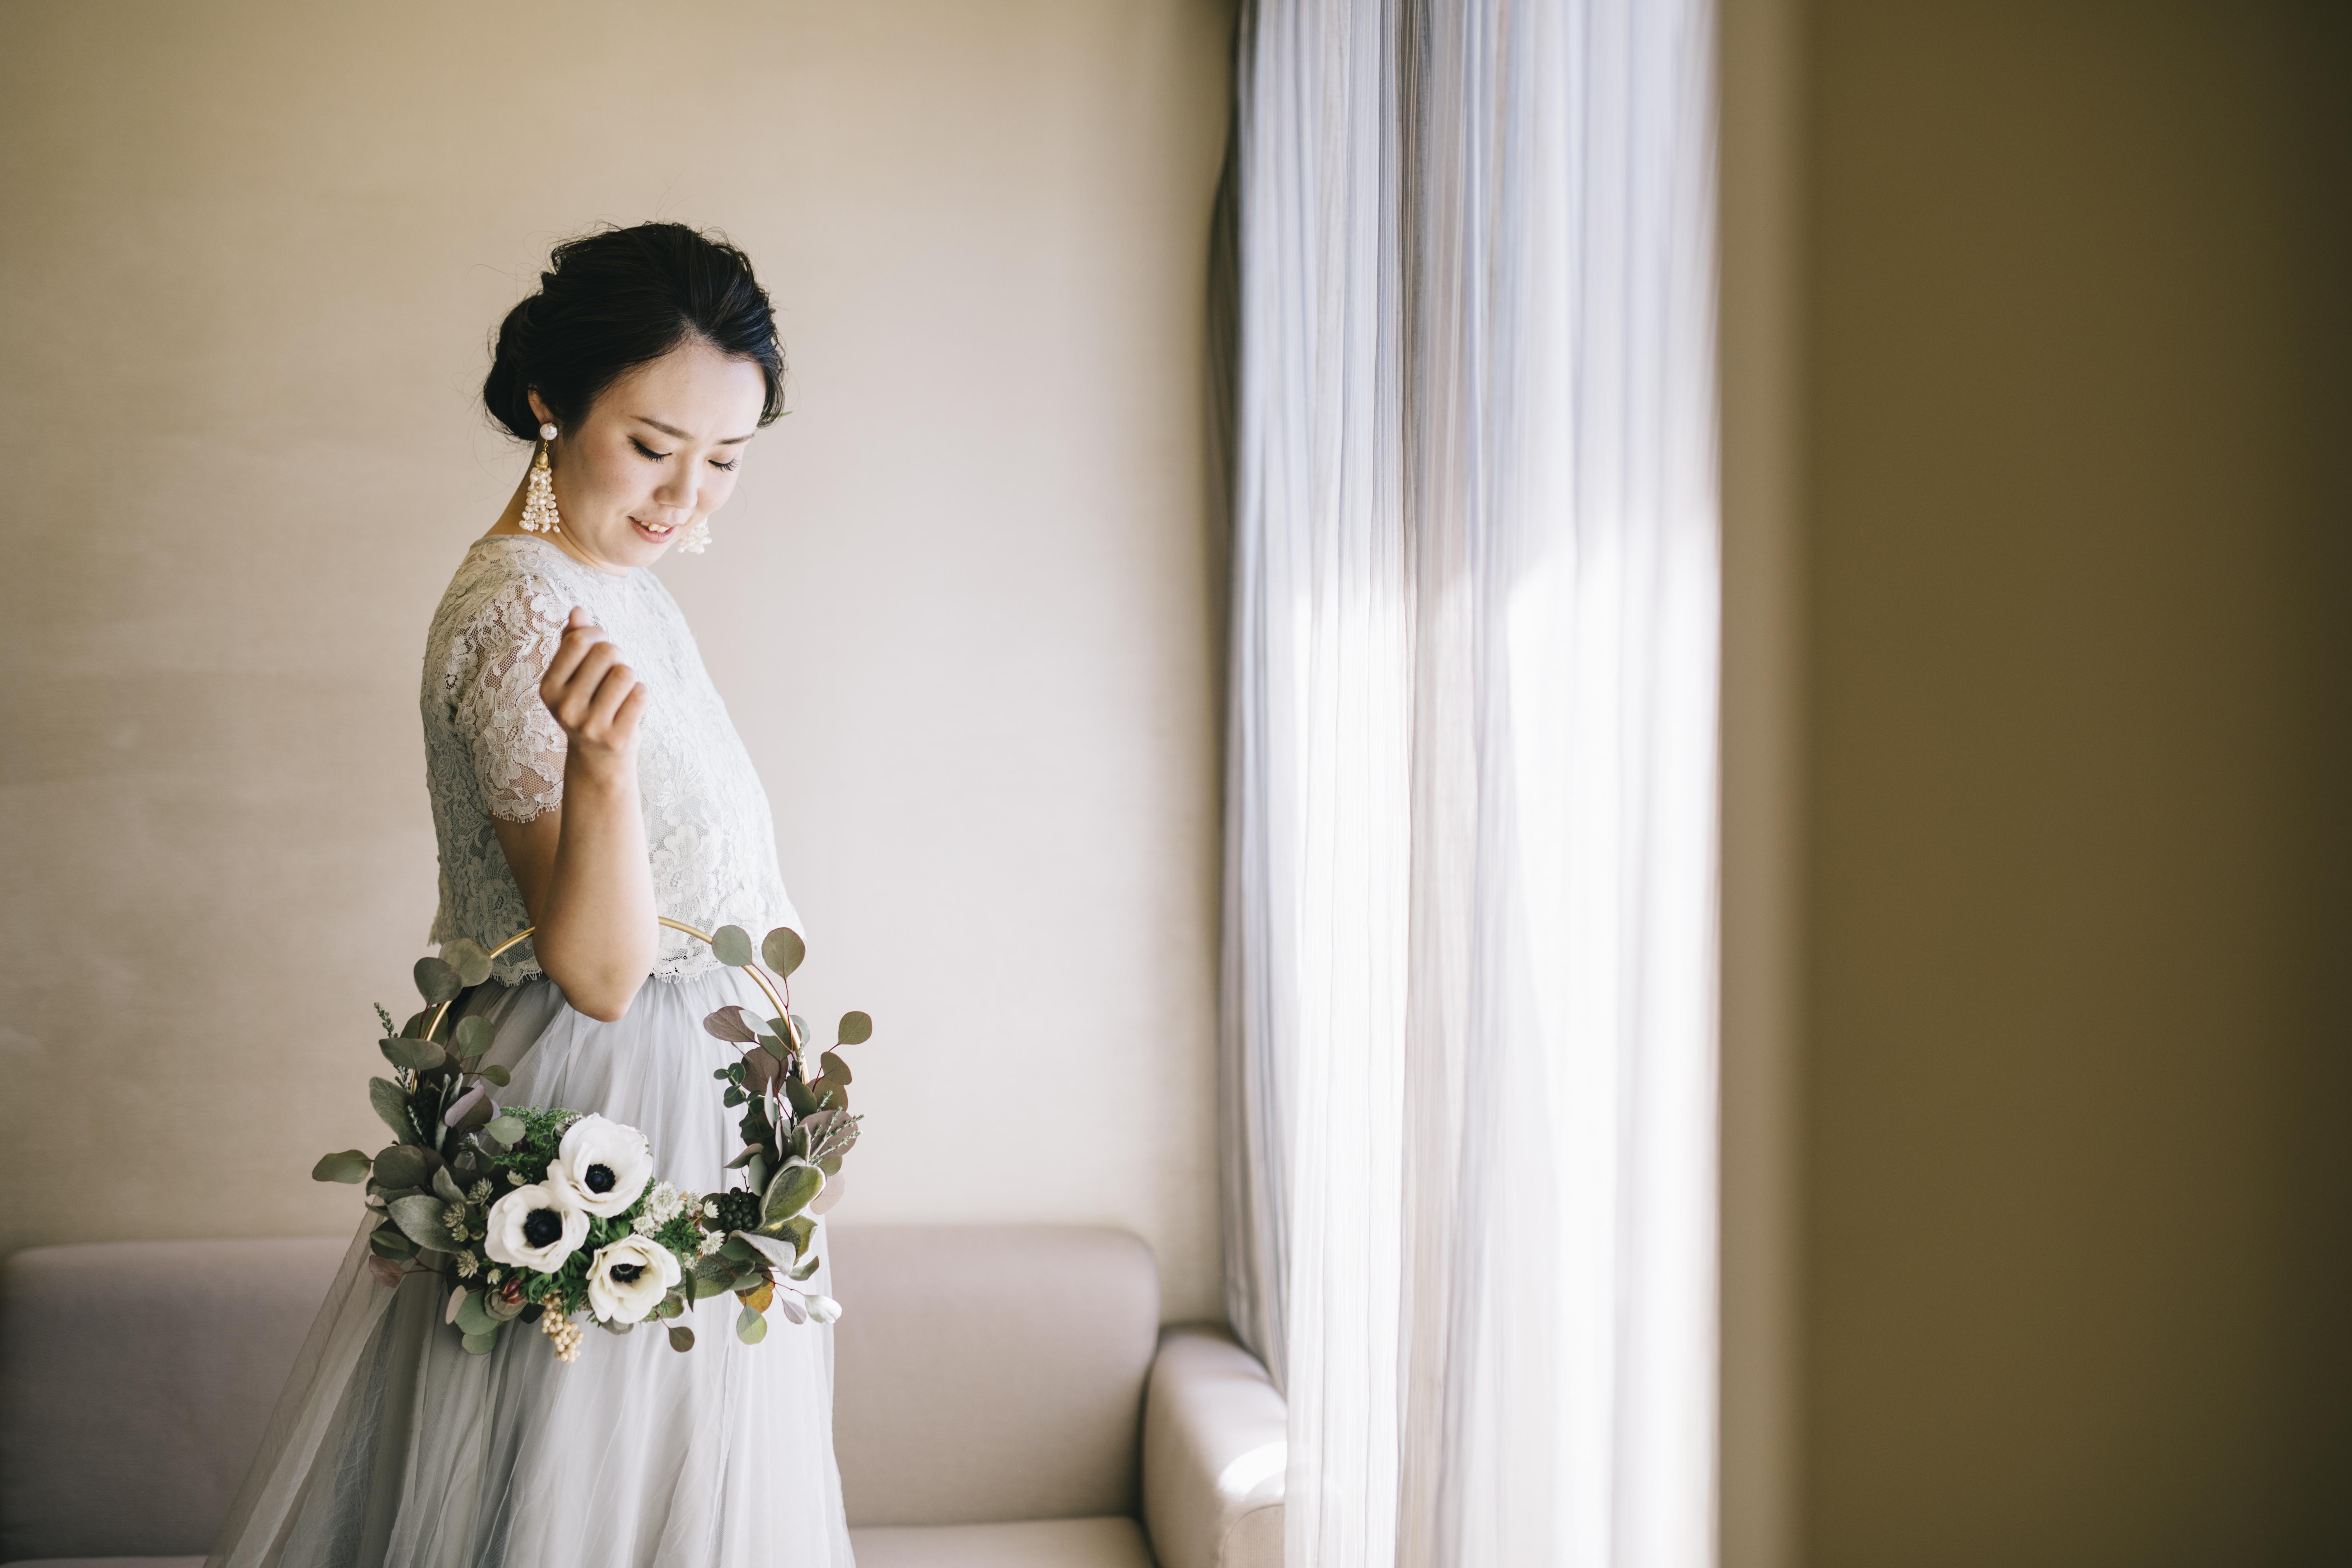 結婚式まで準備期間が短い方でも大丈夫! 3ヶ月以内でも叶うウェディングスタイルの選択肢